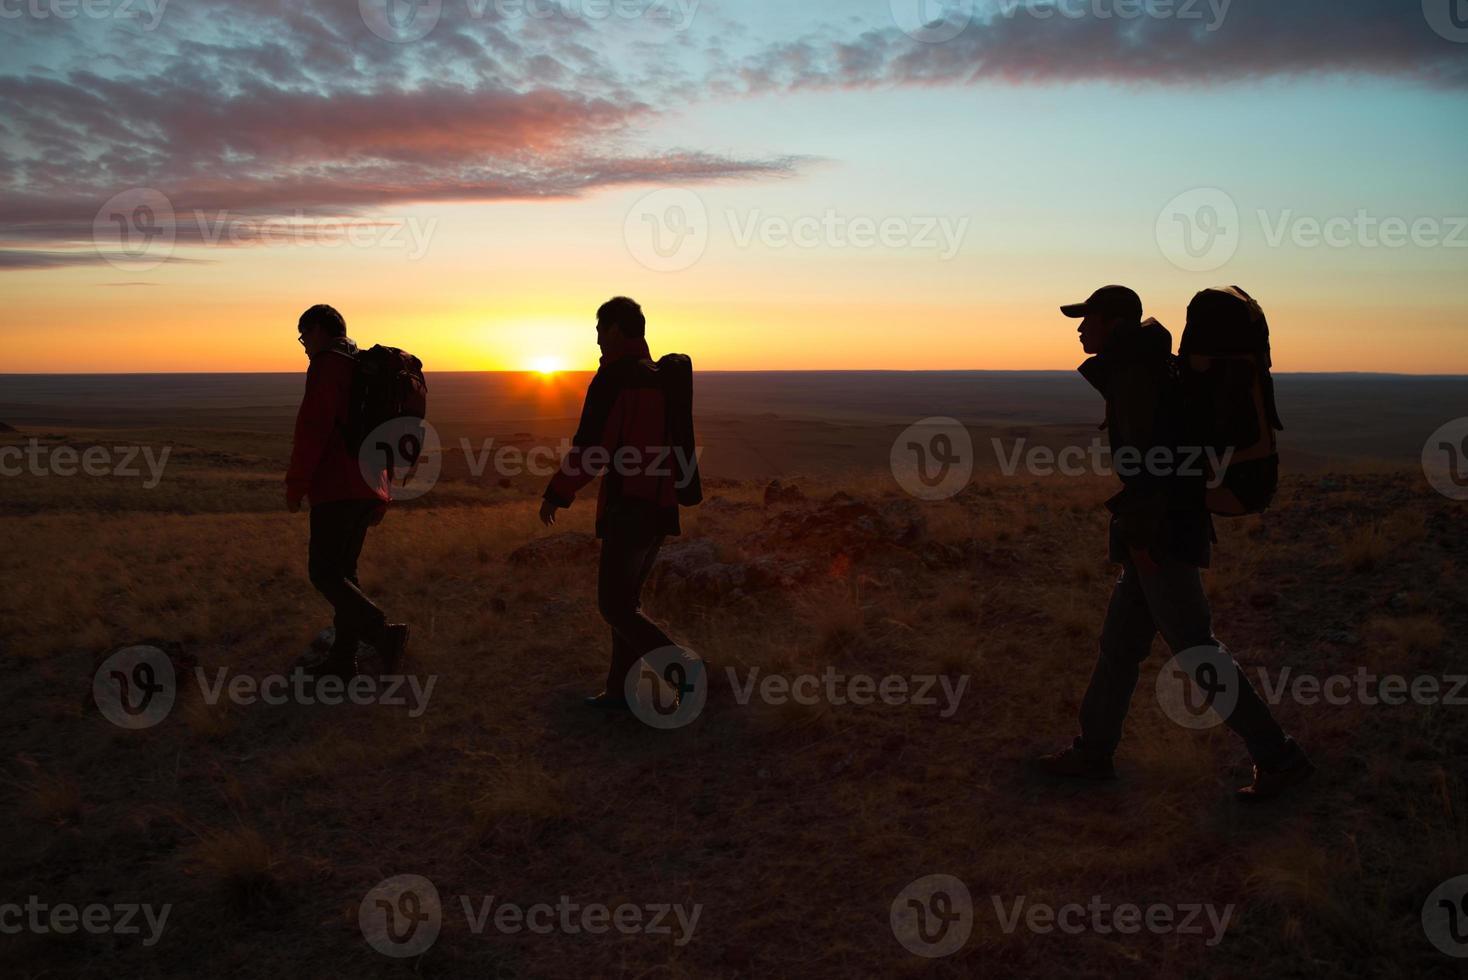 camminando tra gli escursionisti di sunglow foto